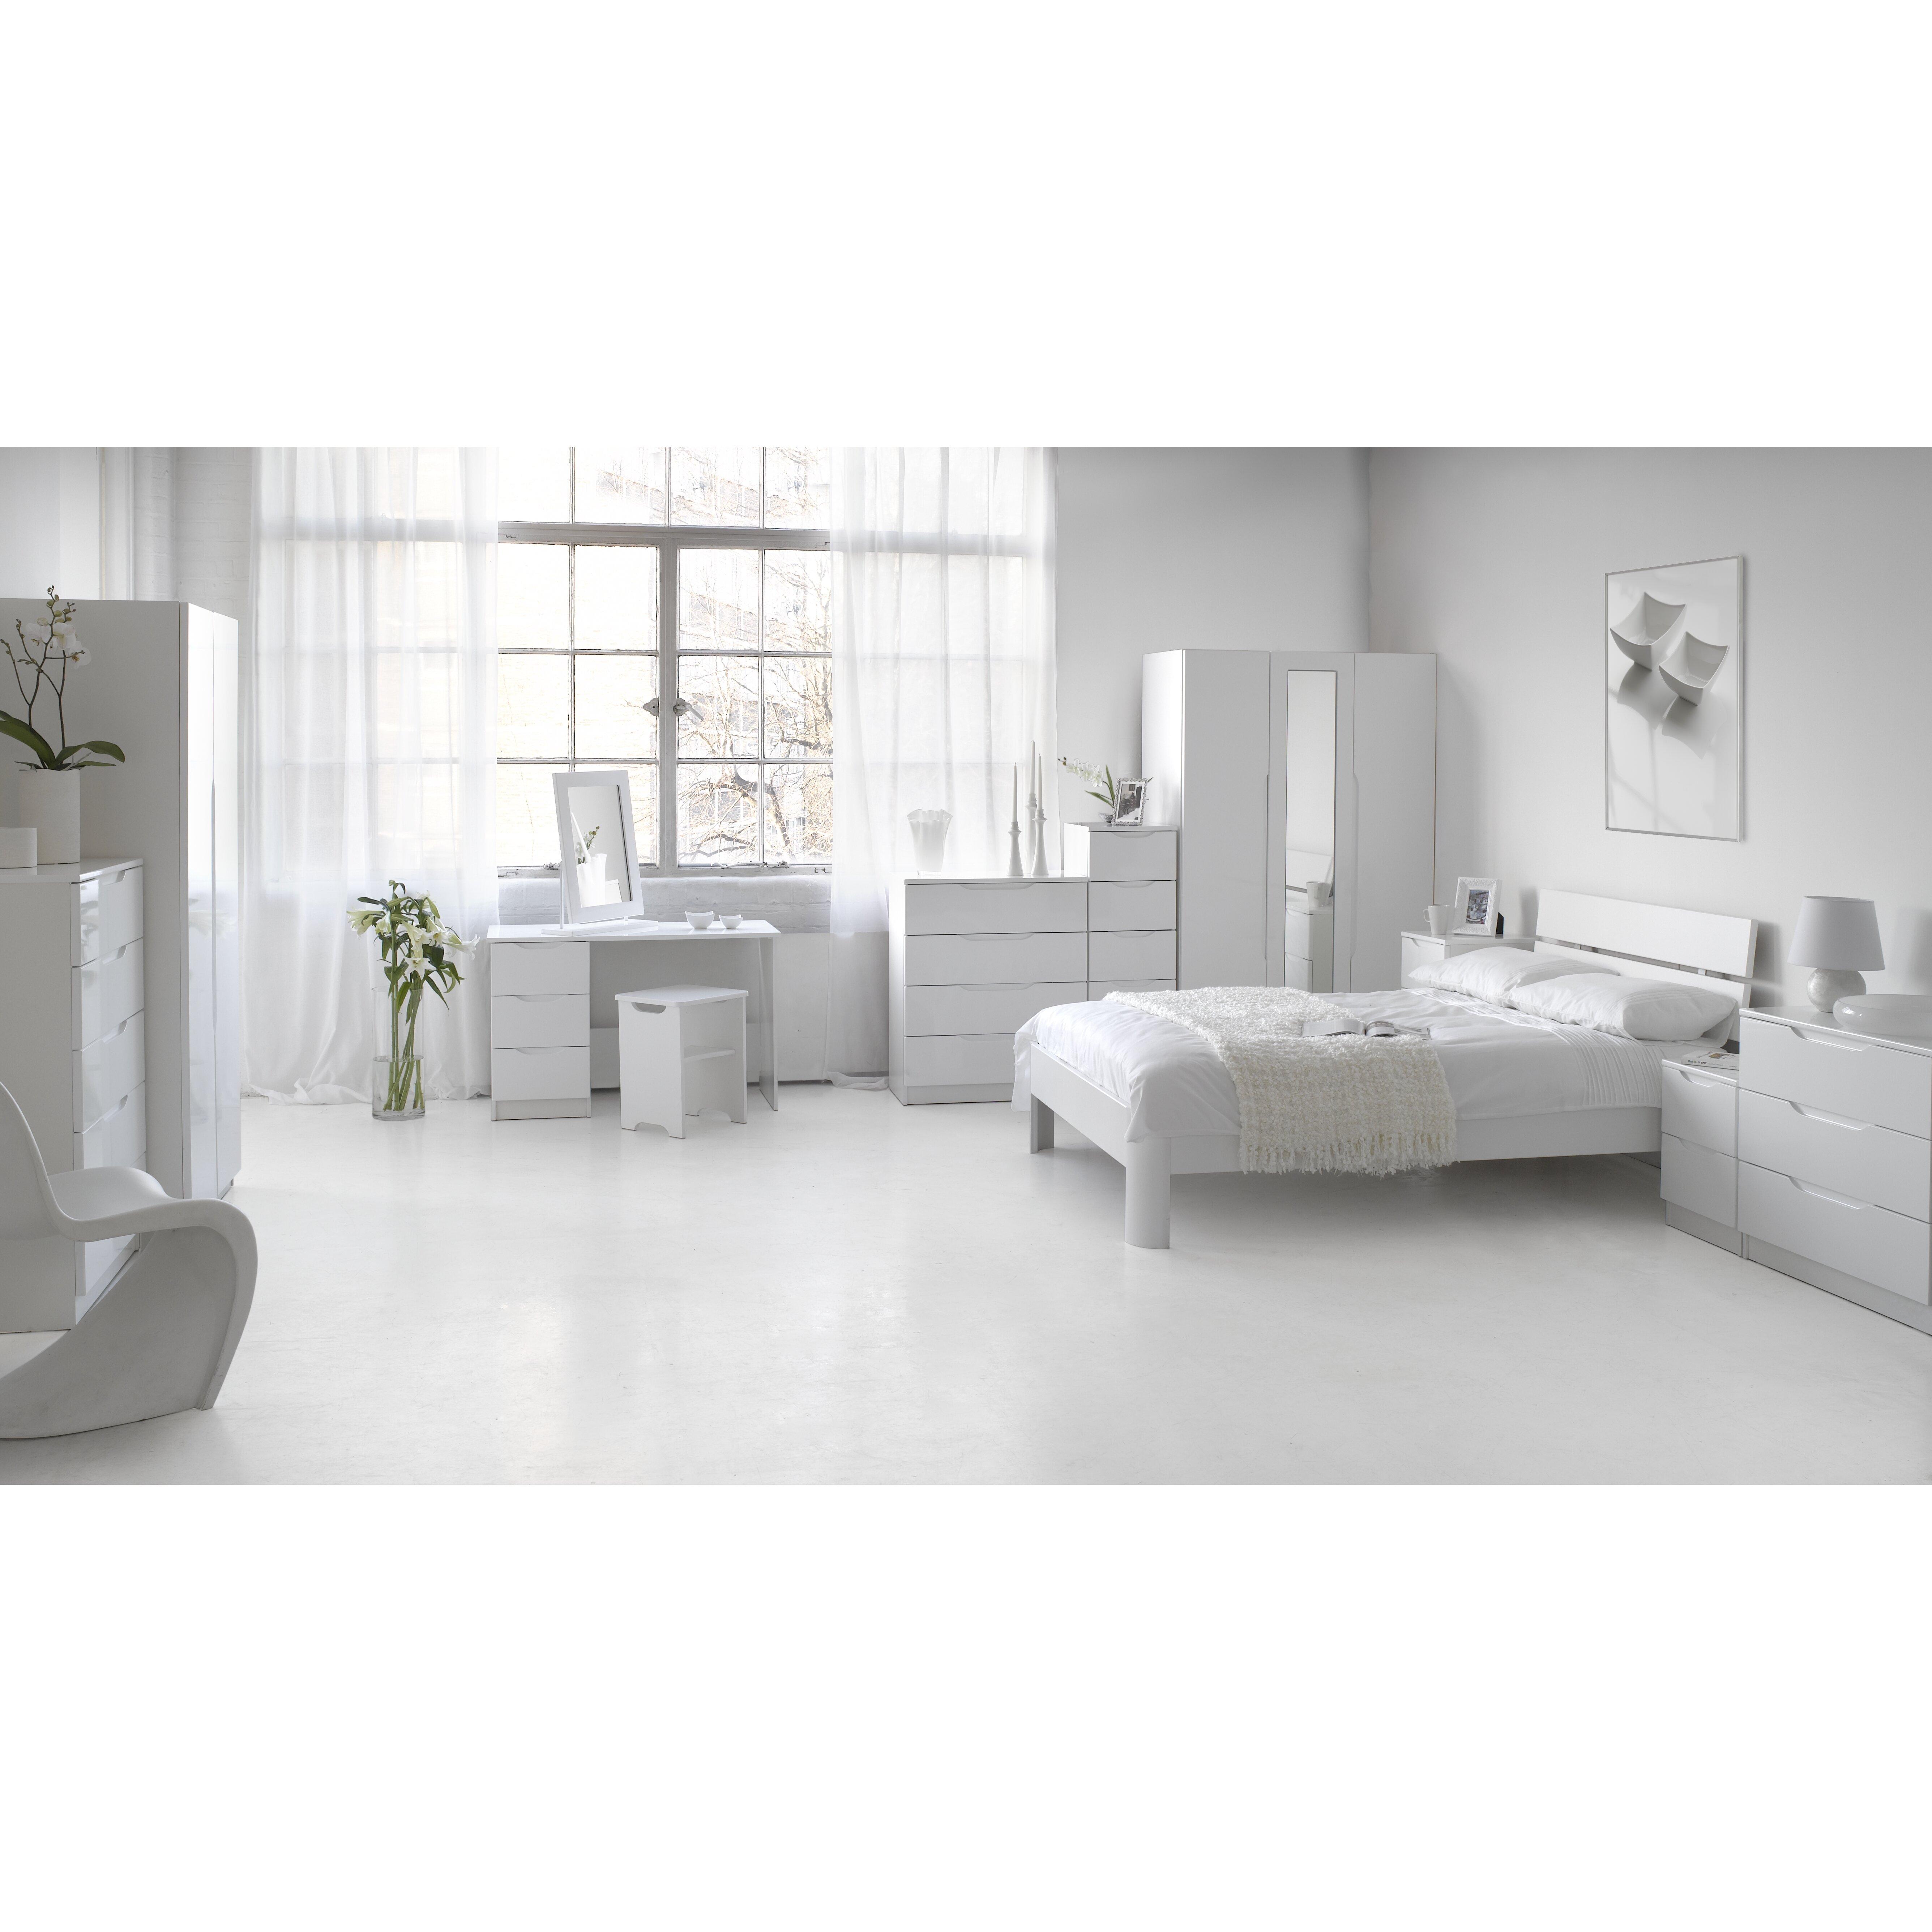 Homestead Living 3 Door Wardrobe Reviews Wayfair Uk